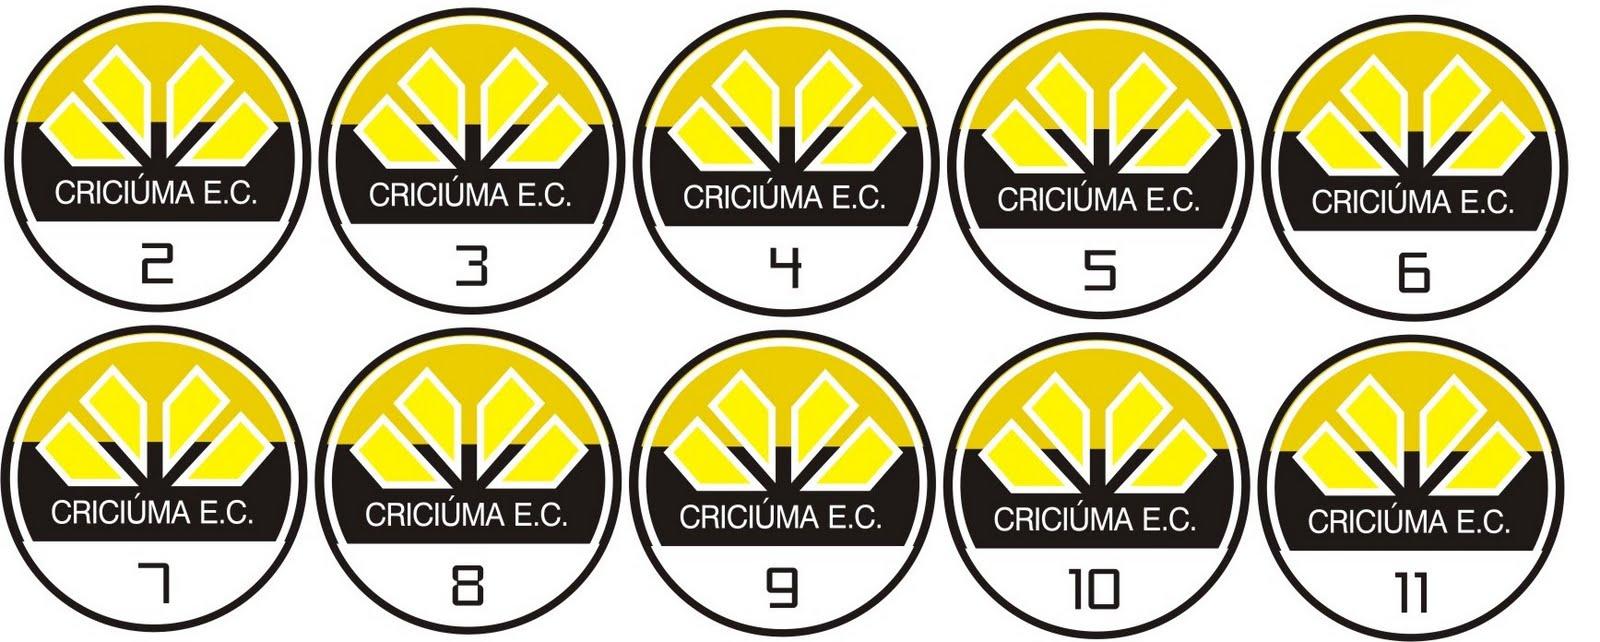 criciuma 6